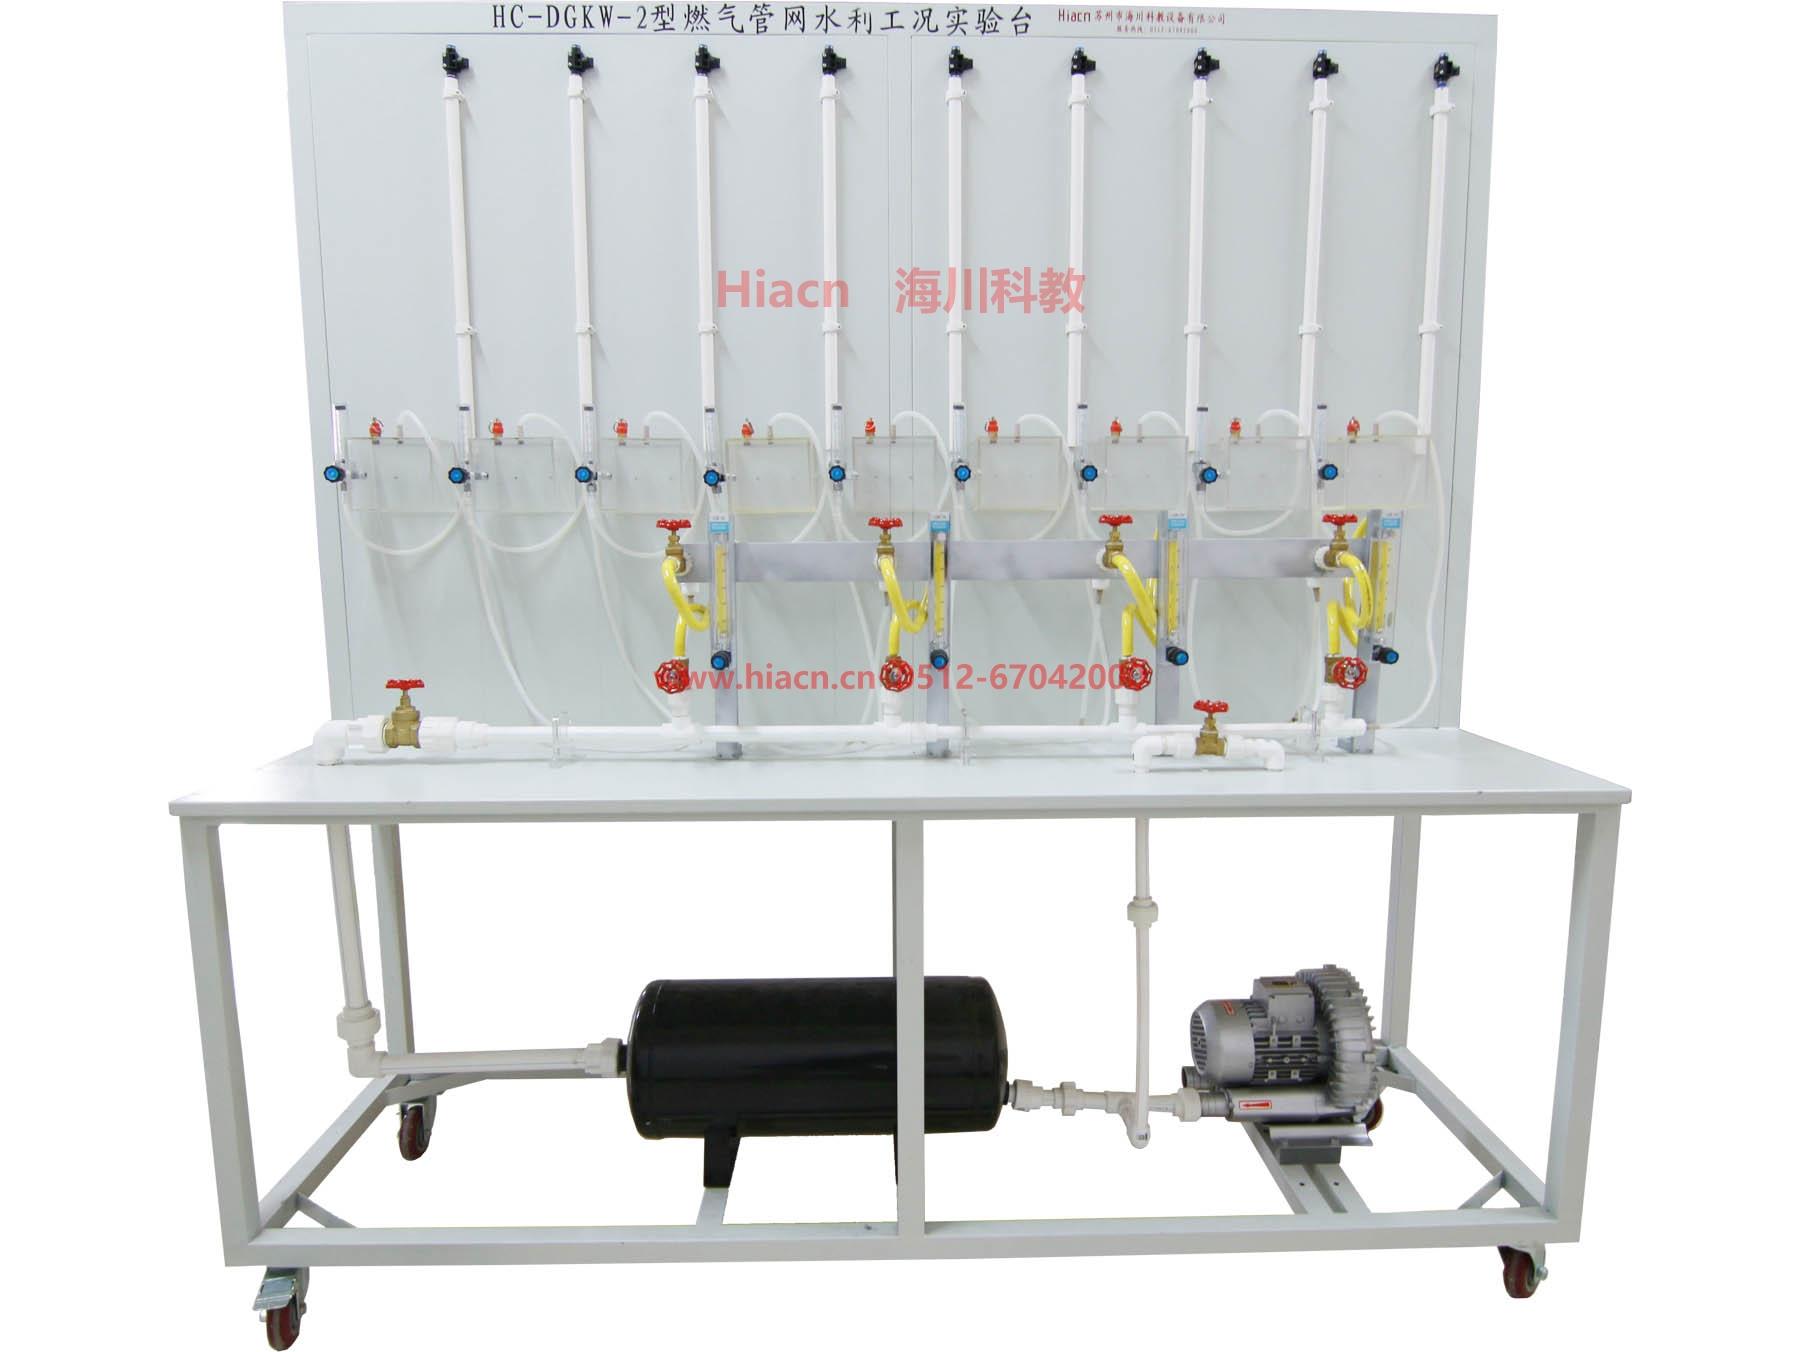 燃气管网水利工况实验台产品图片